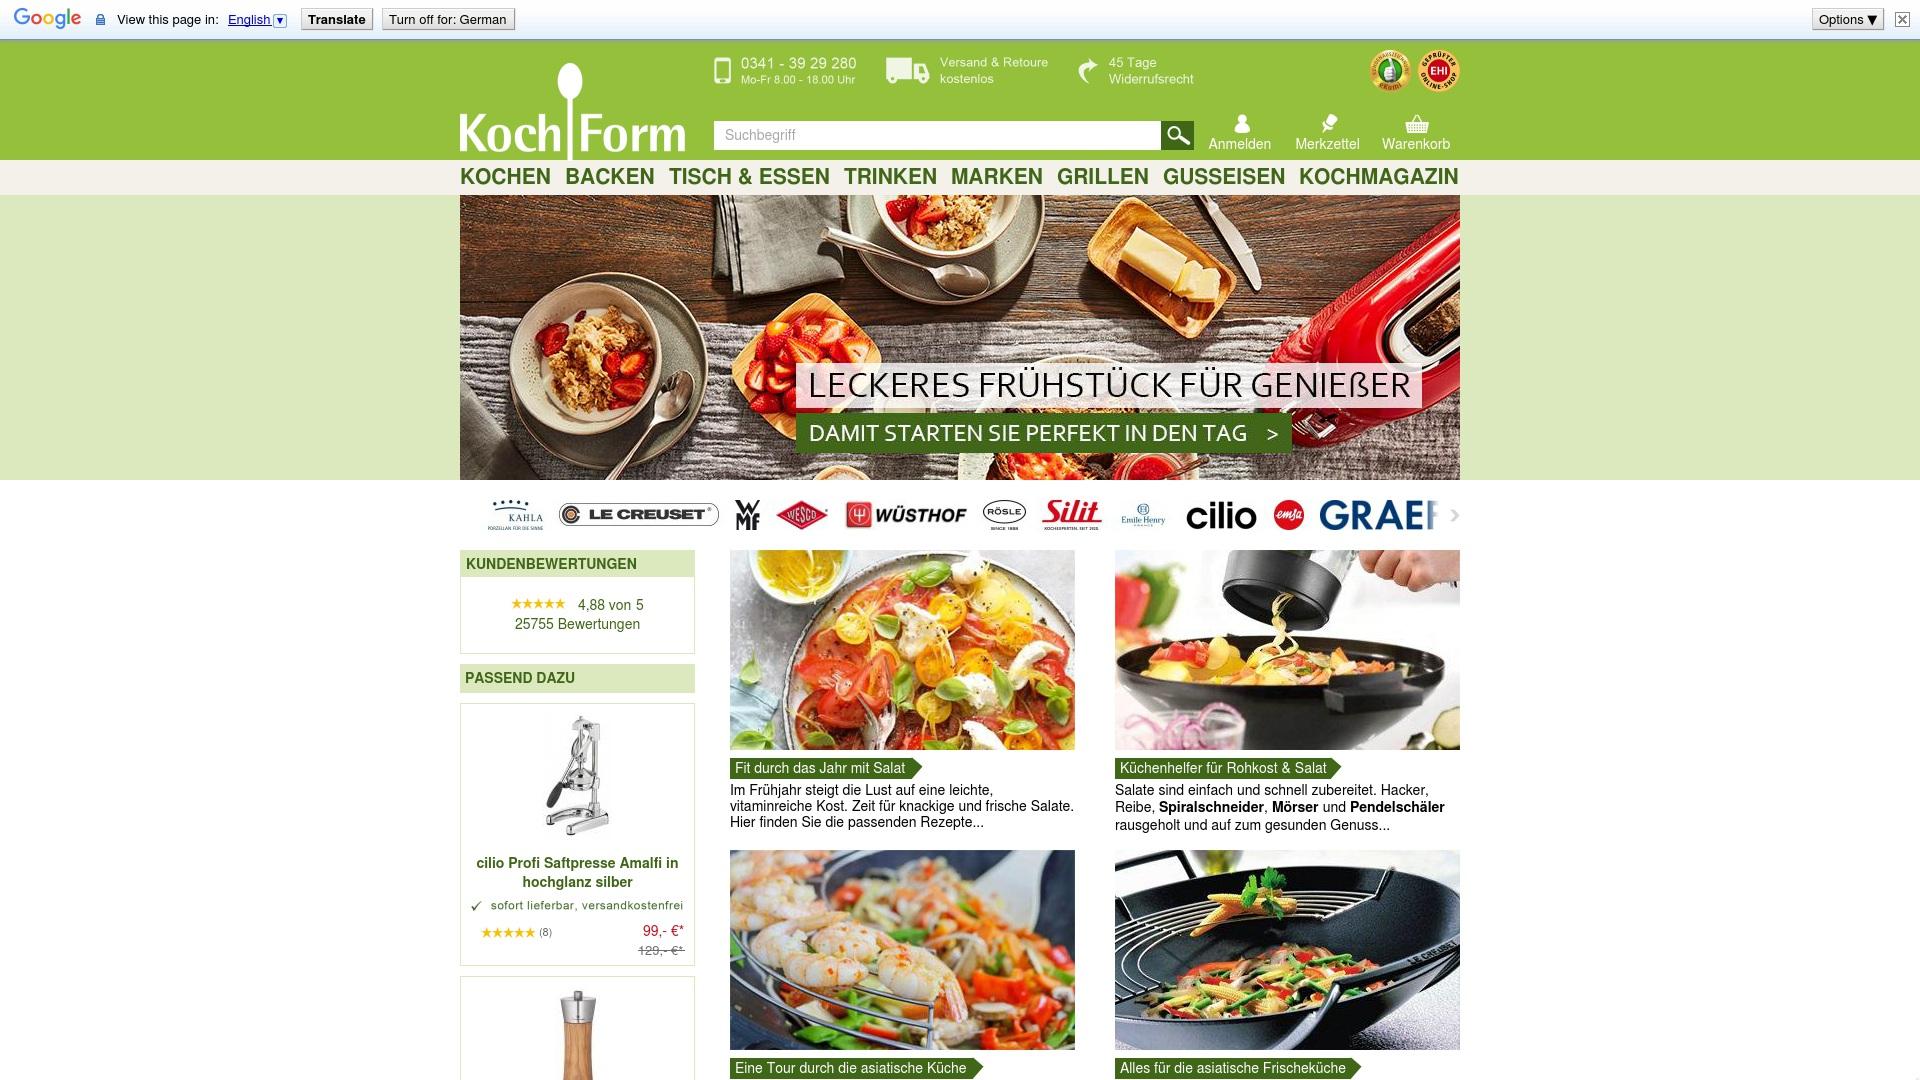 Gutschein für Kochform: Rabatte für  Kochform sichern